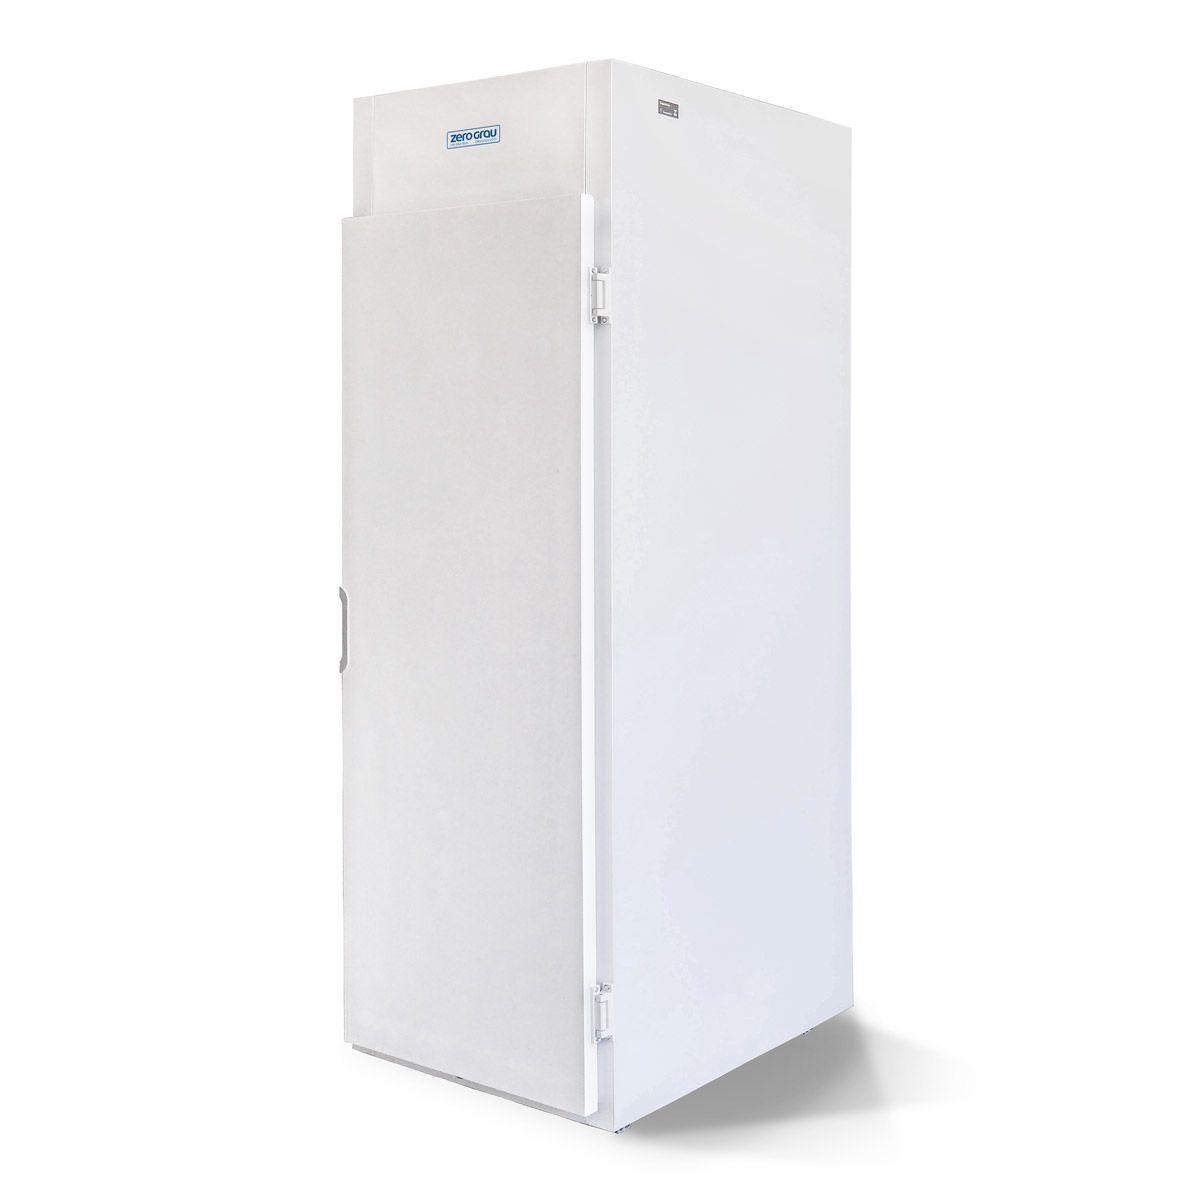 Conservador 820 Litros de 1 Porta para Gelo